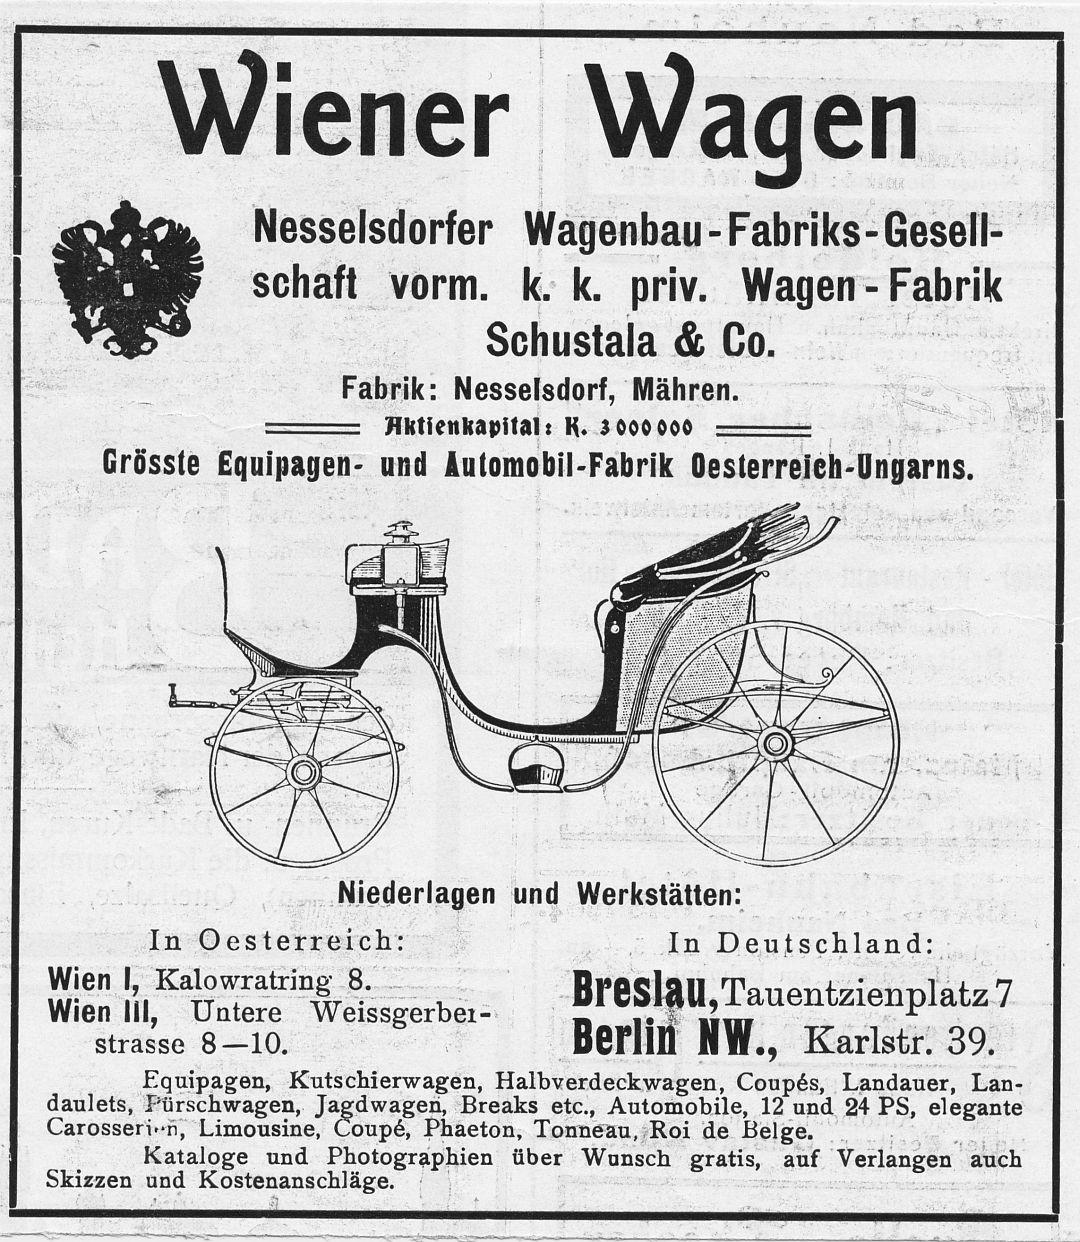 Nesselsdorfer_Wagenfabrik_Reklame_Galerie